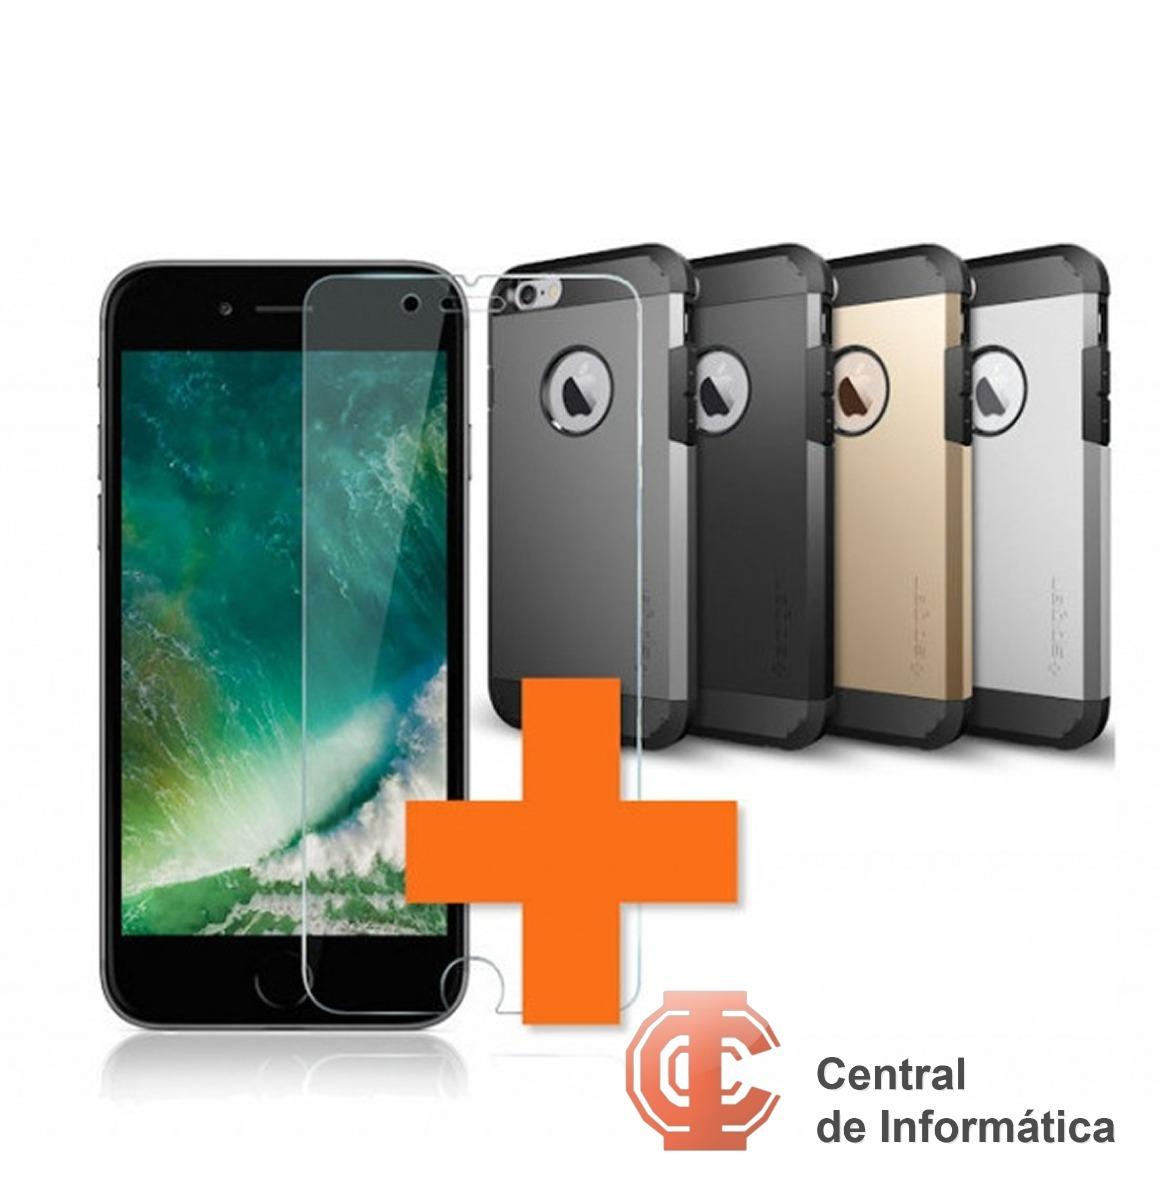 505f7a7e32e Protector Spigen Slim Armor iPhone 7 + Vidrio - $ 350,00 en Mercado ...